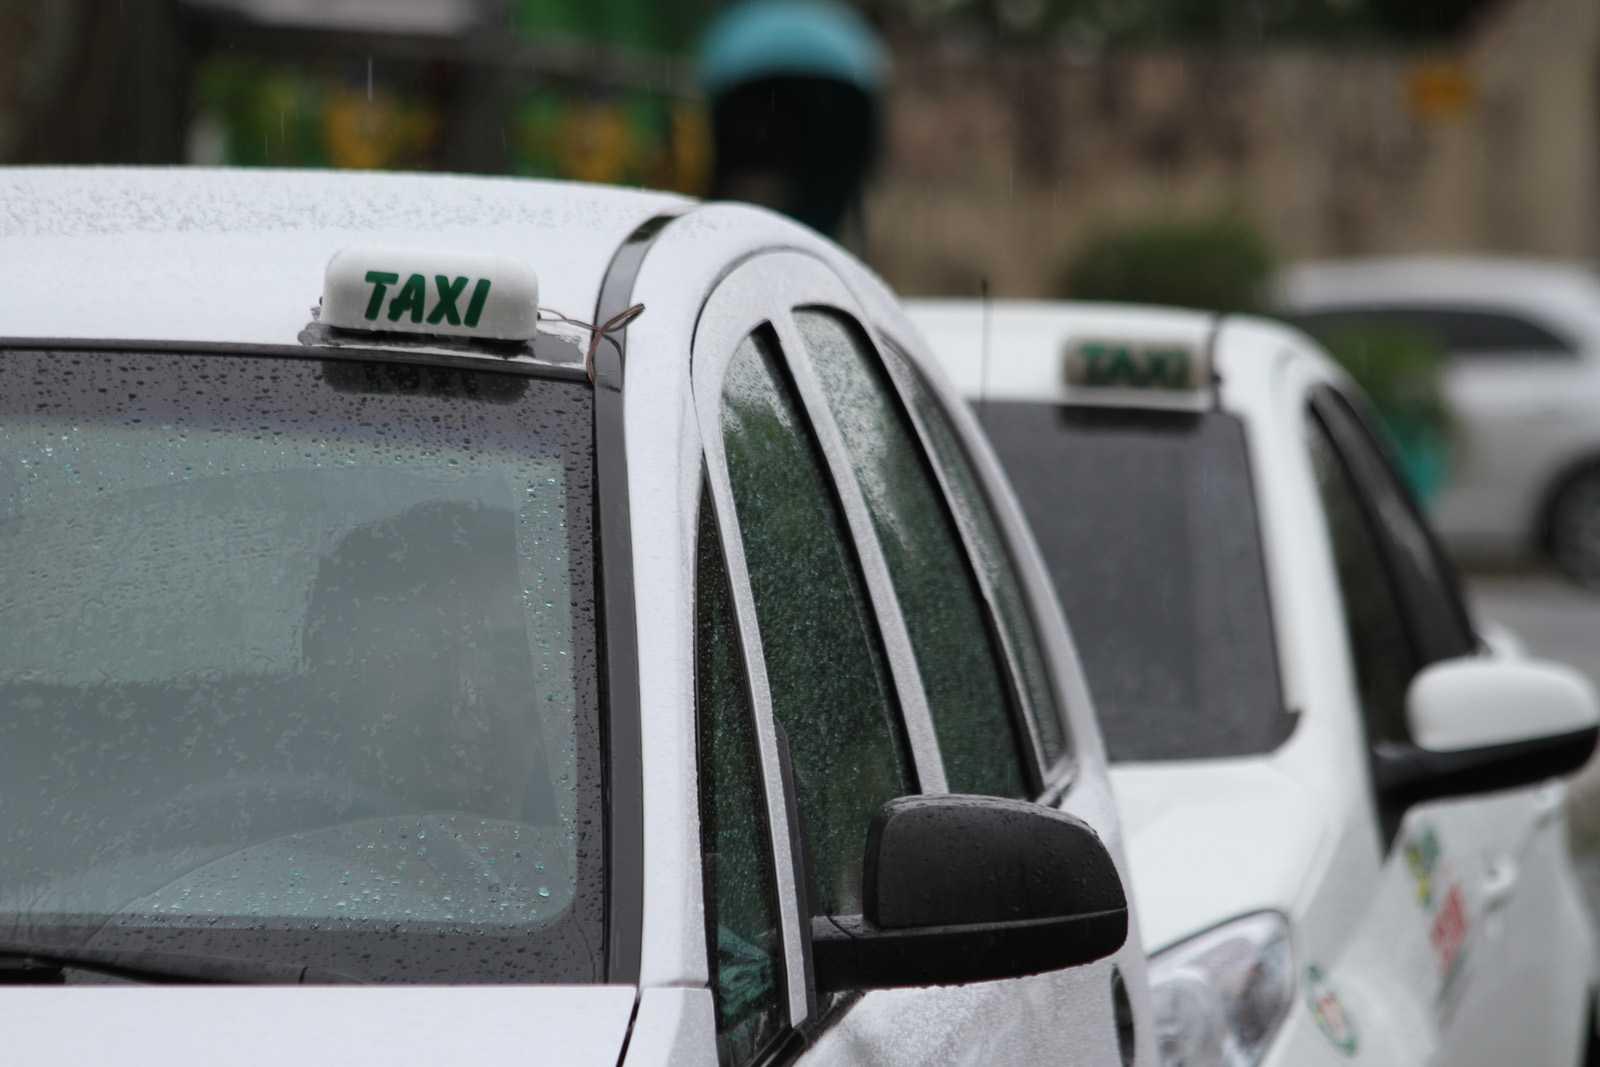 Prefeito de Manaus altera Lei do Taxista para reduzir valor de taxa para a categoria- Imagem: Divulgação